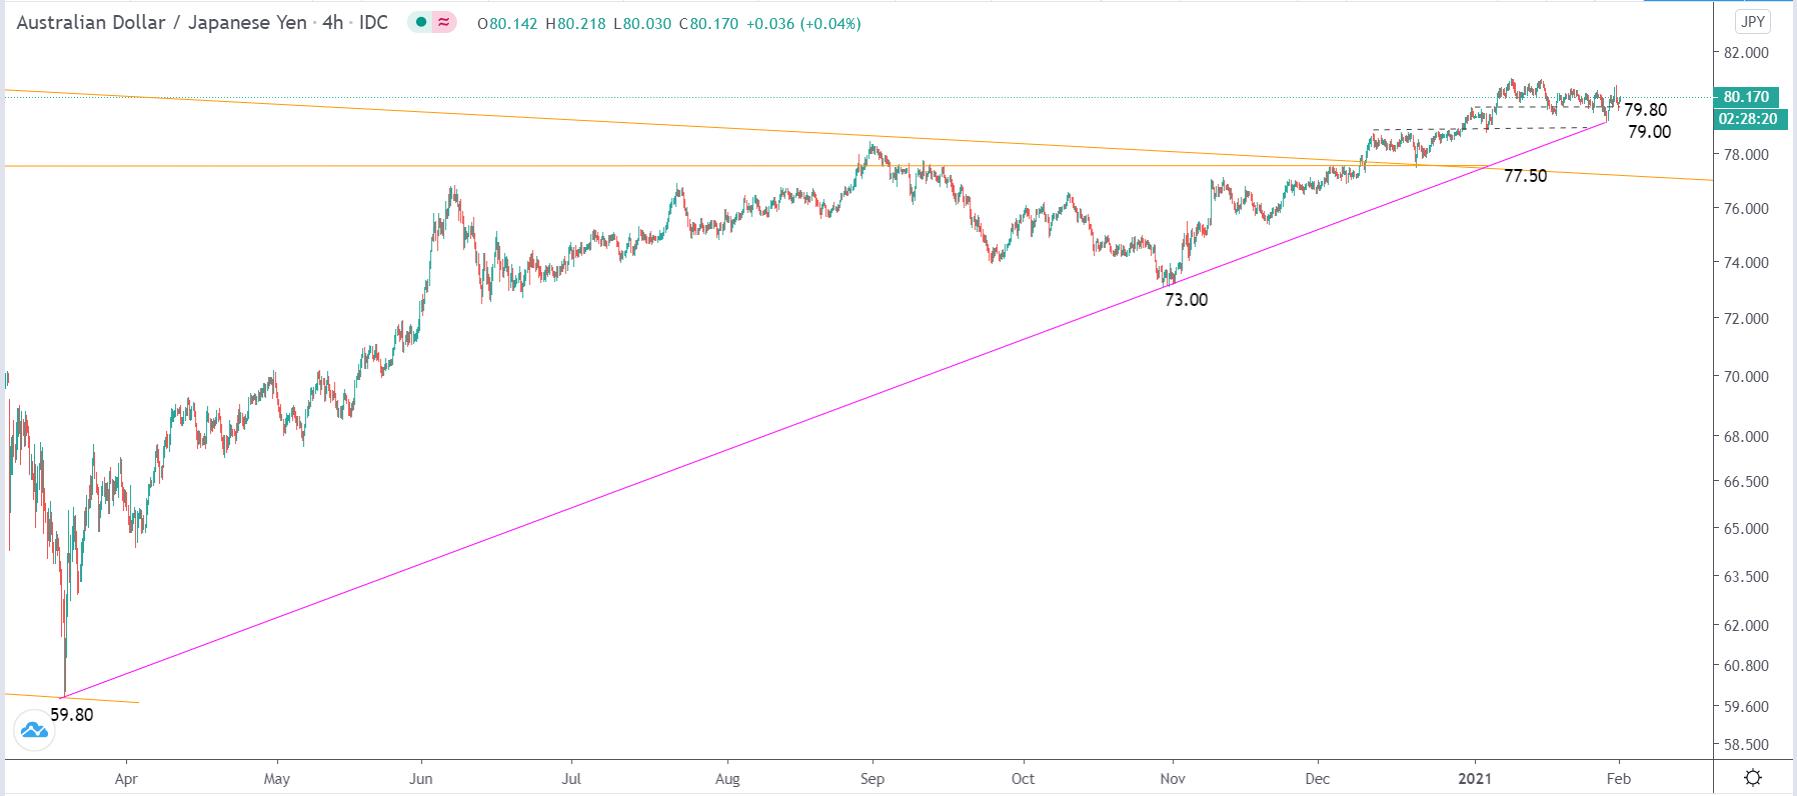 2.1日元走勢分析∶美元/日元、歐元/日元、英鎊/日元、澳元/日元、紐元/日元